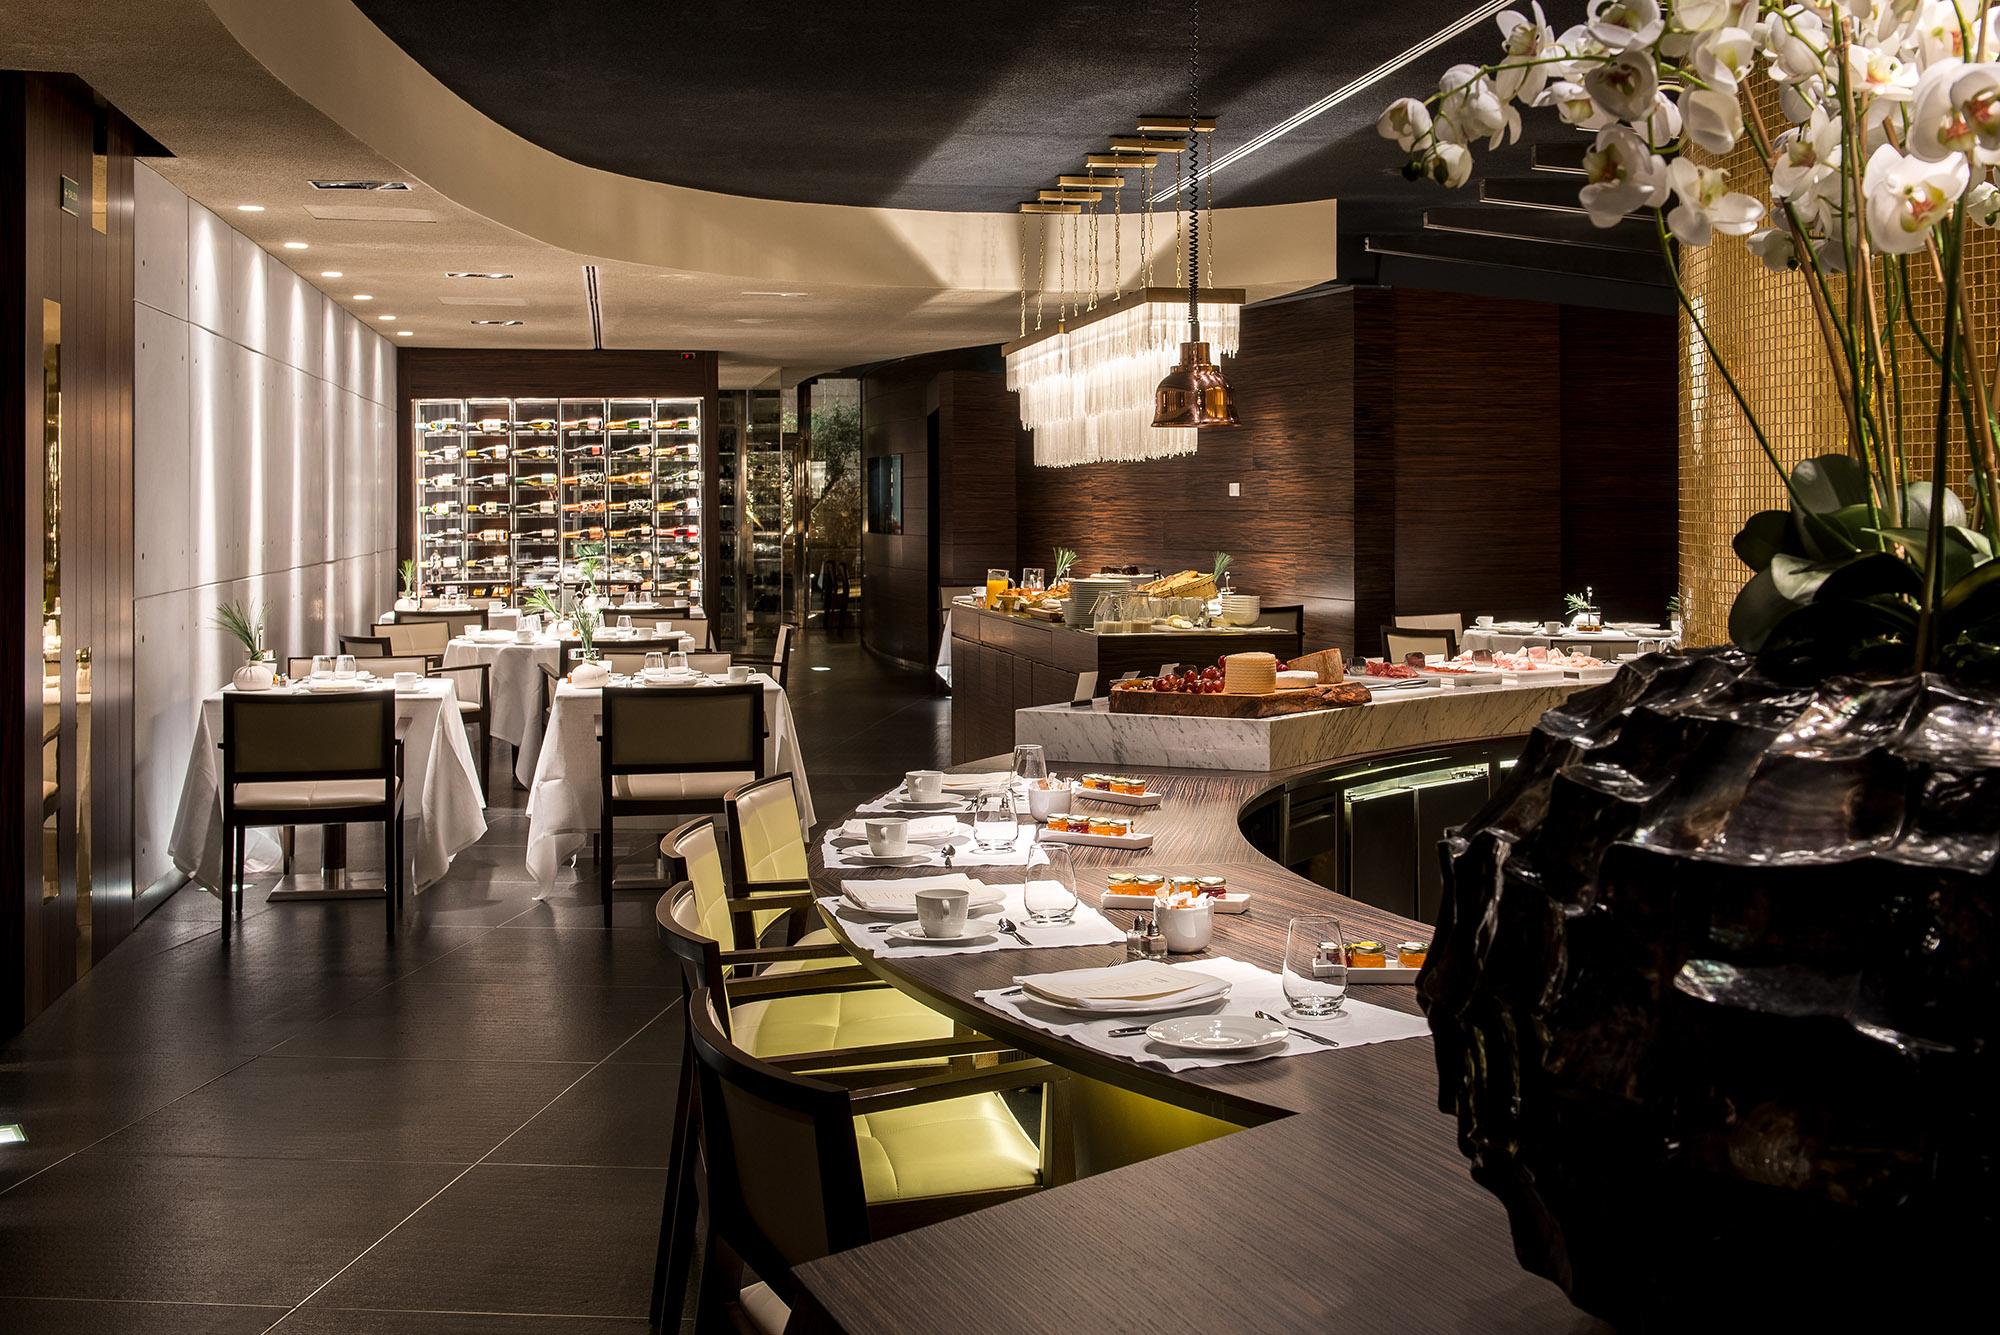 CEBO. una experiencia gastronómica memorable - Secretos de Madrid